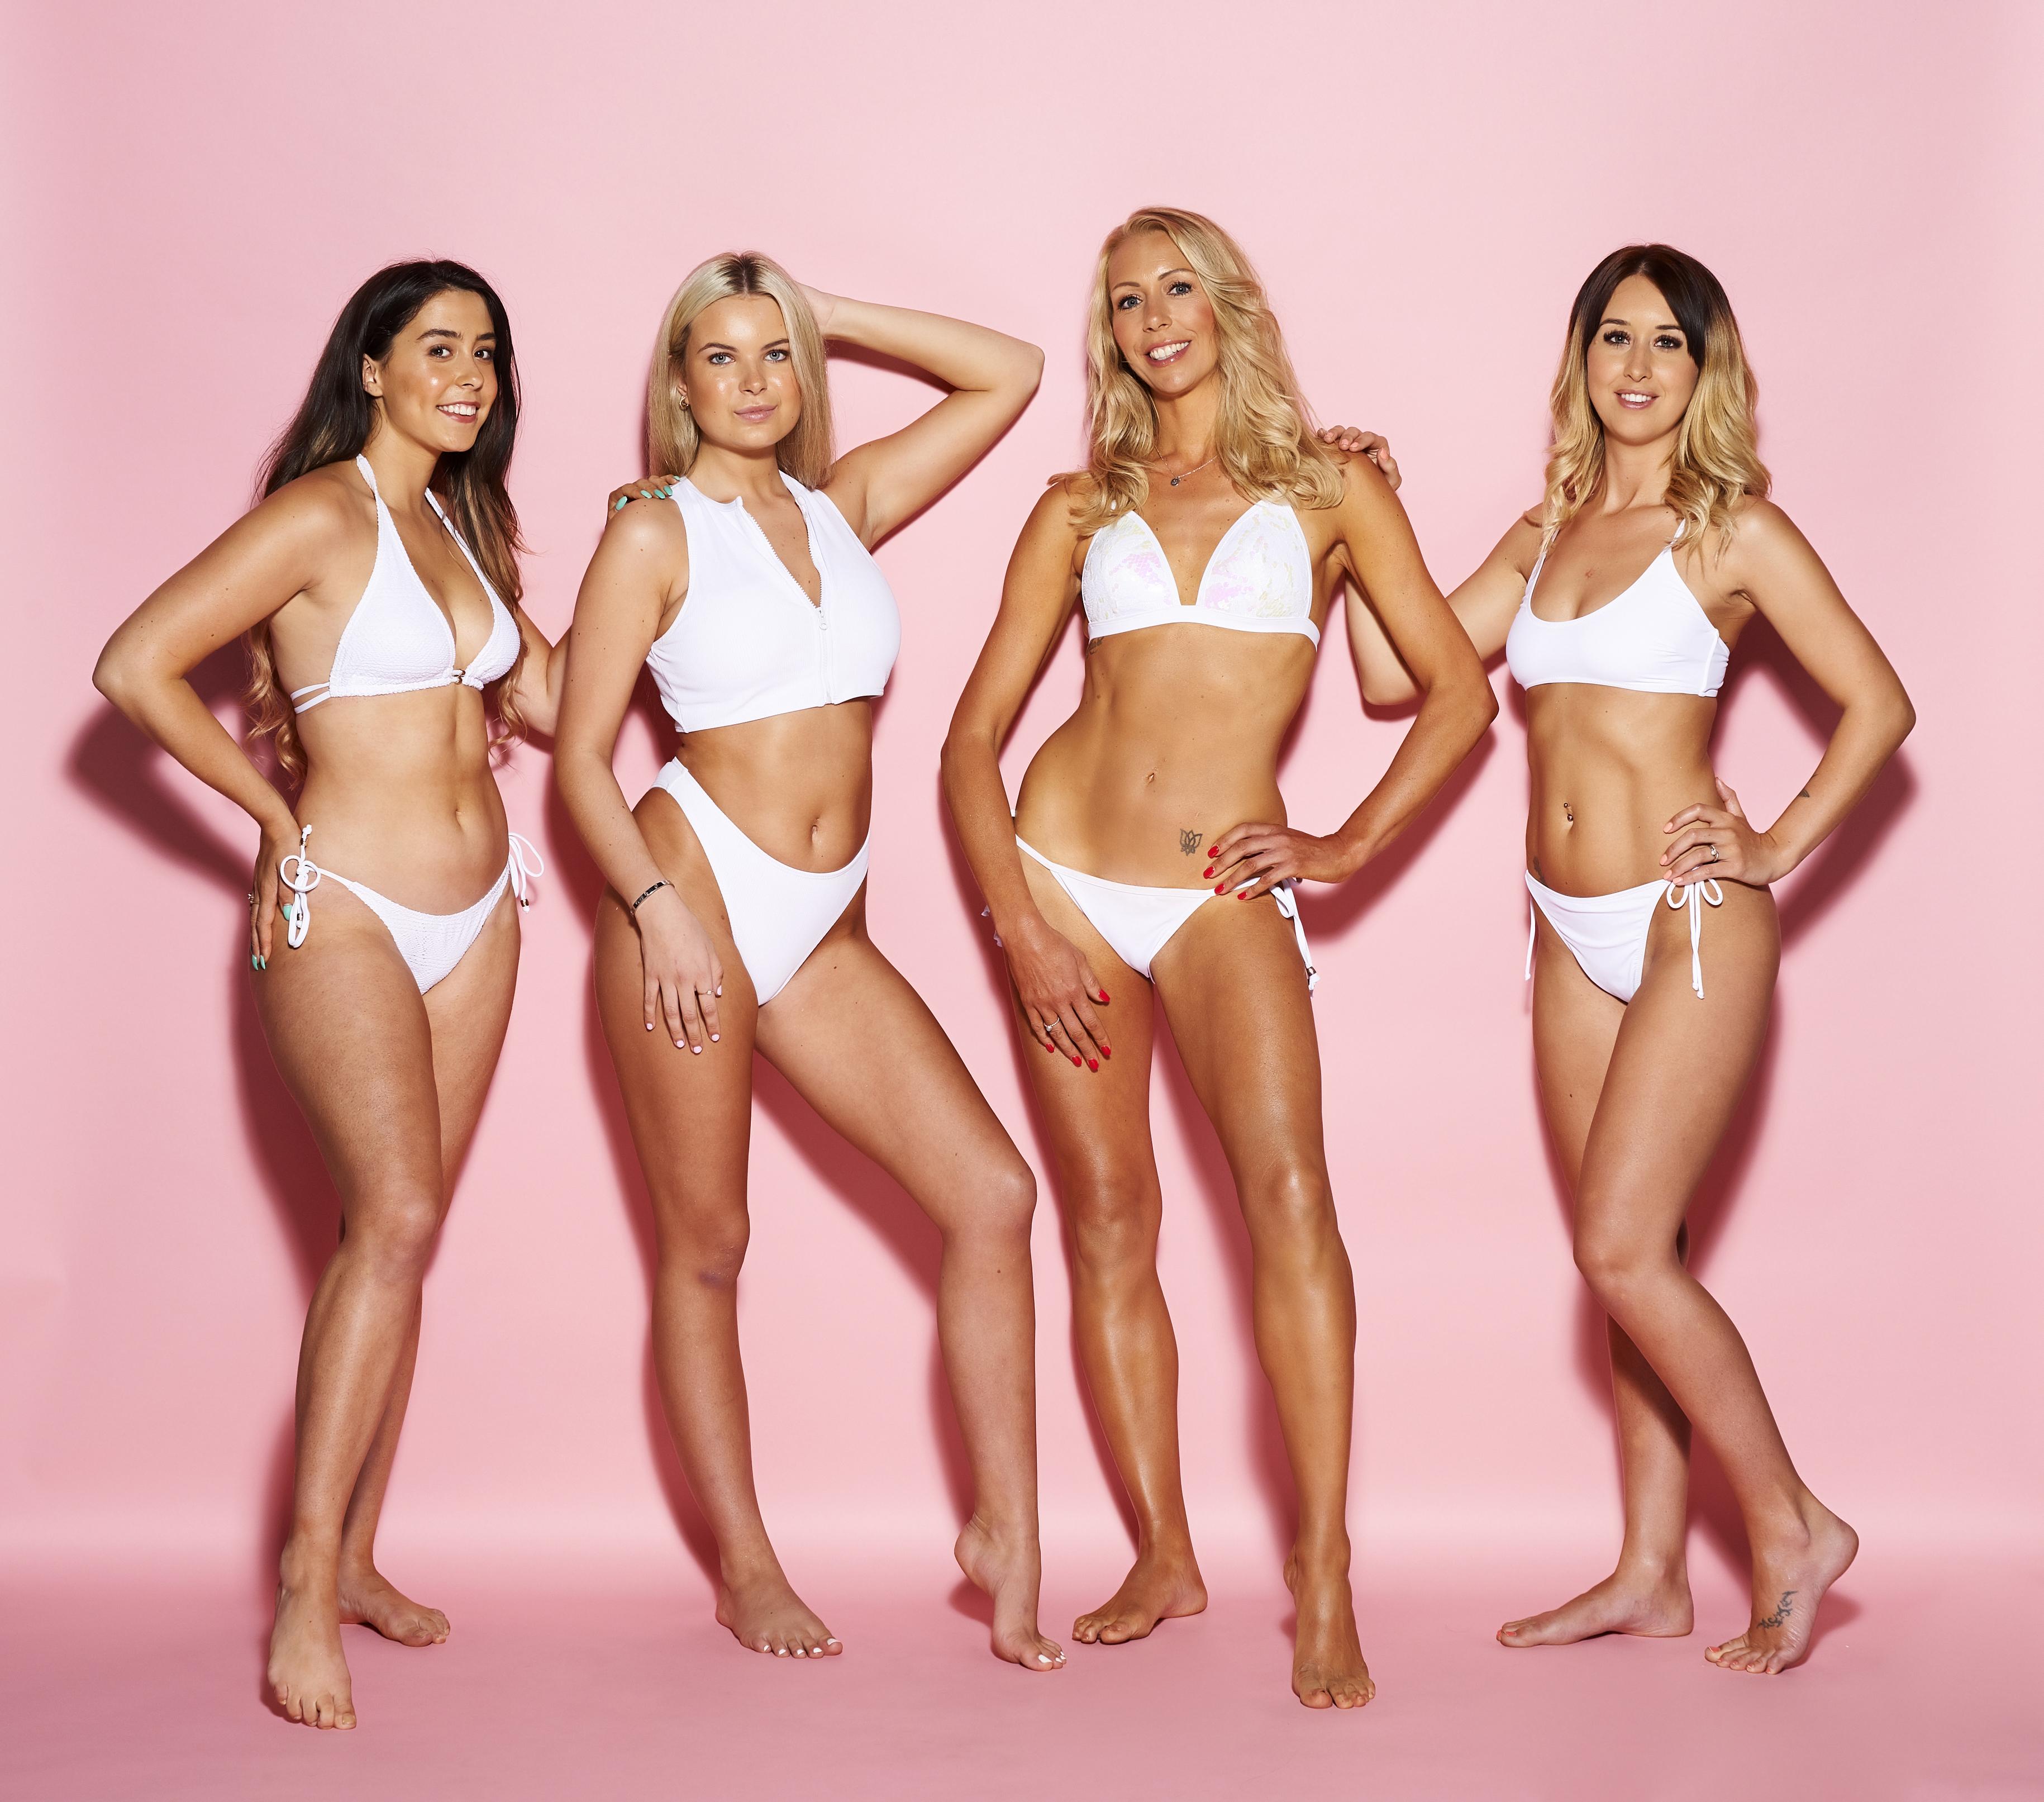 Beach bikini community tanning type